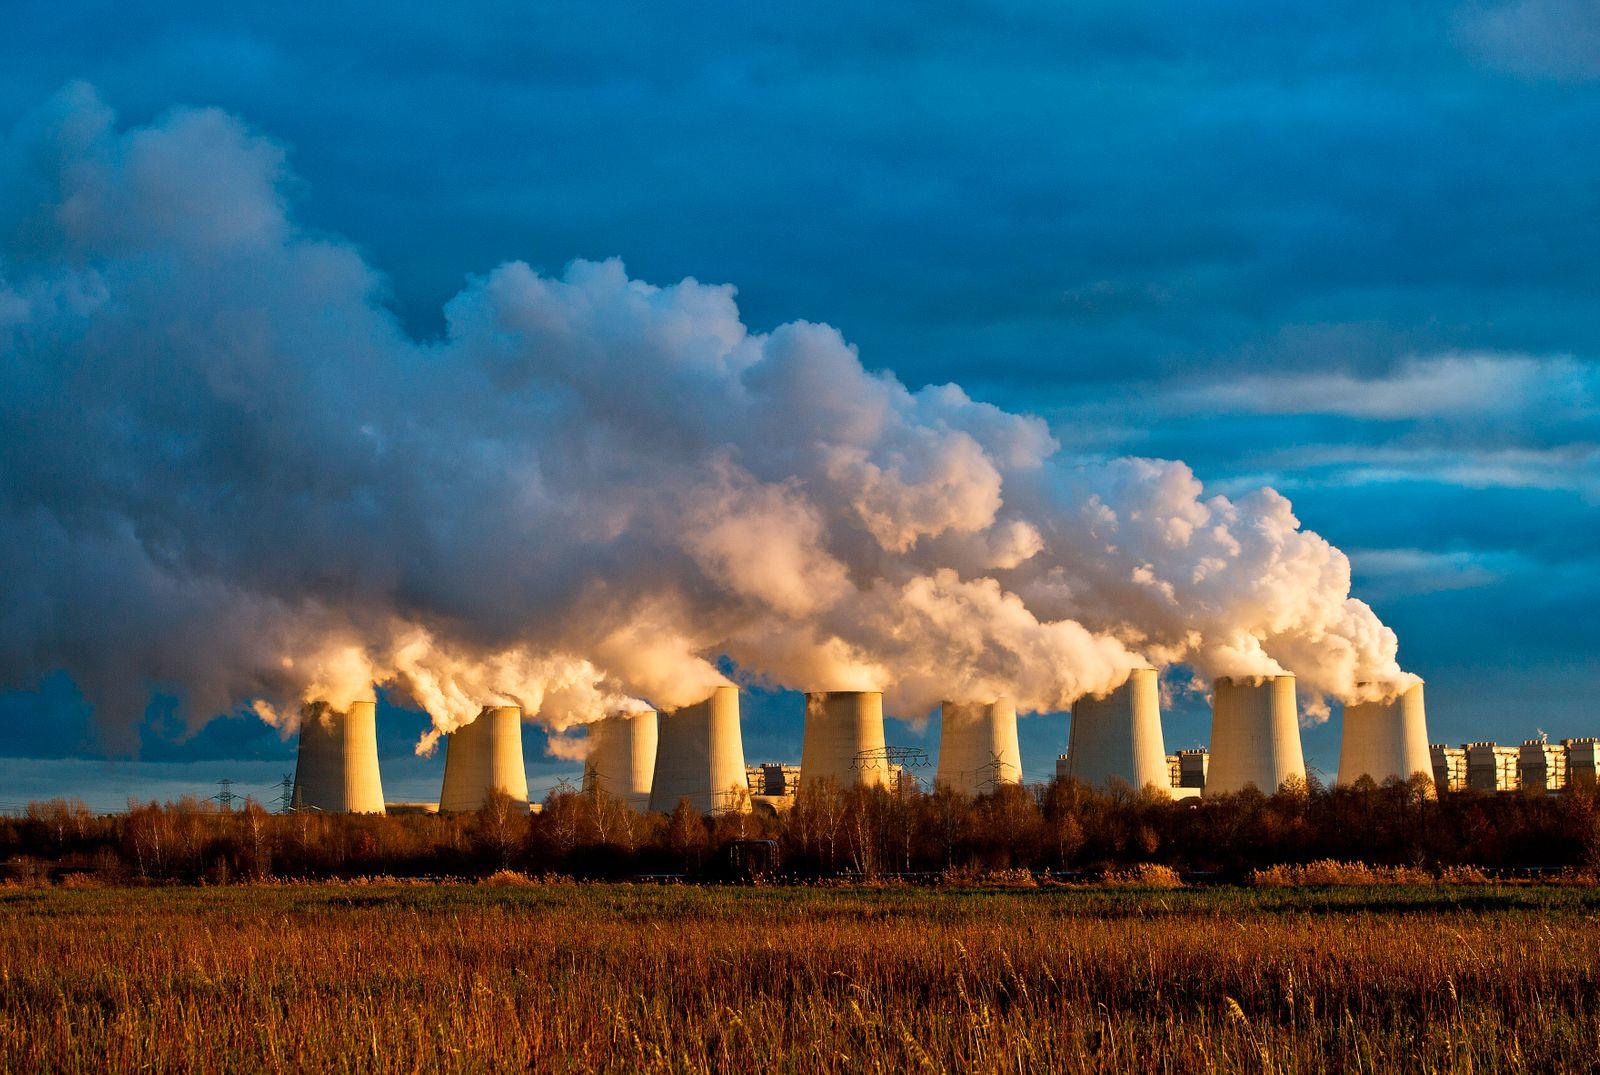 Kohlekraftwerk / Schlote / Emissionshandel